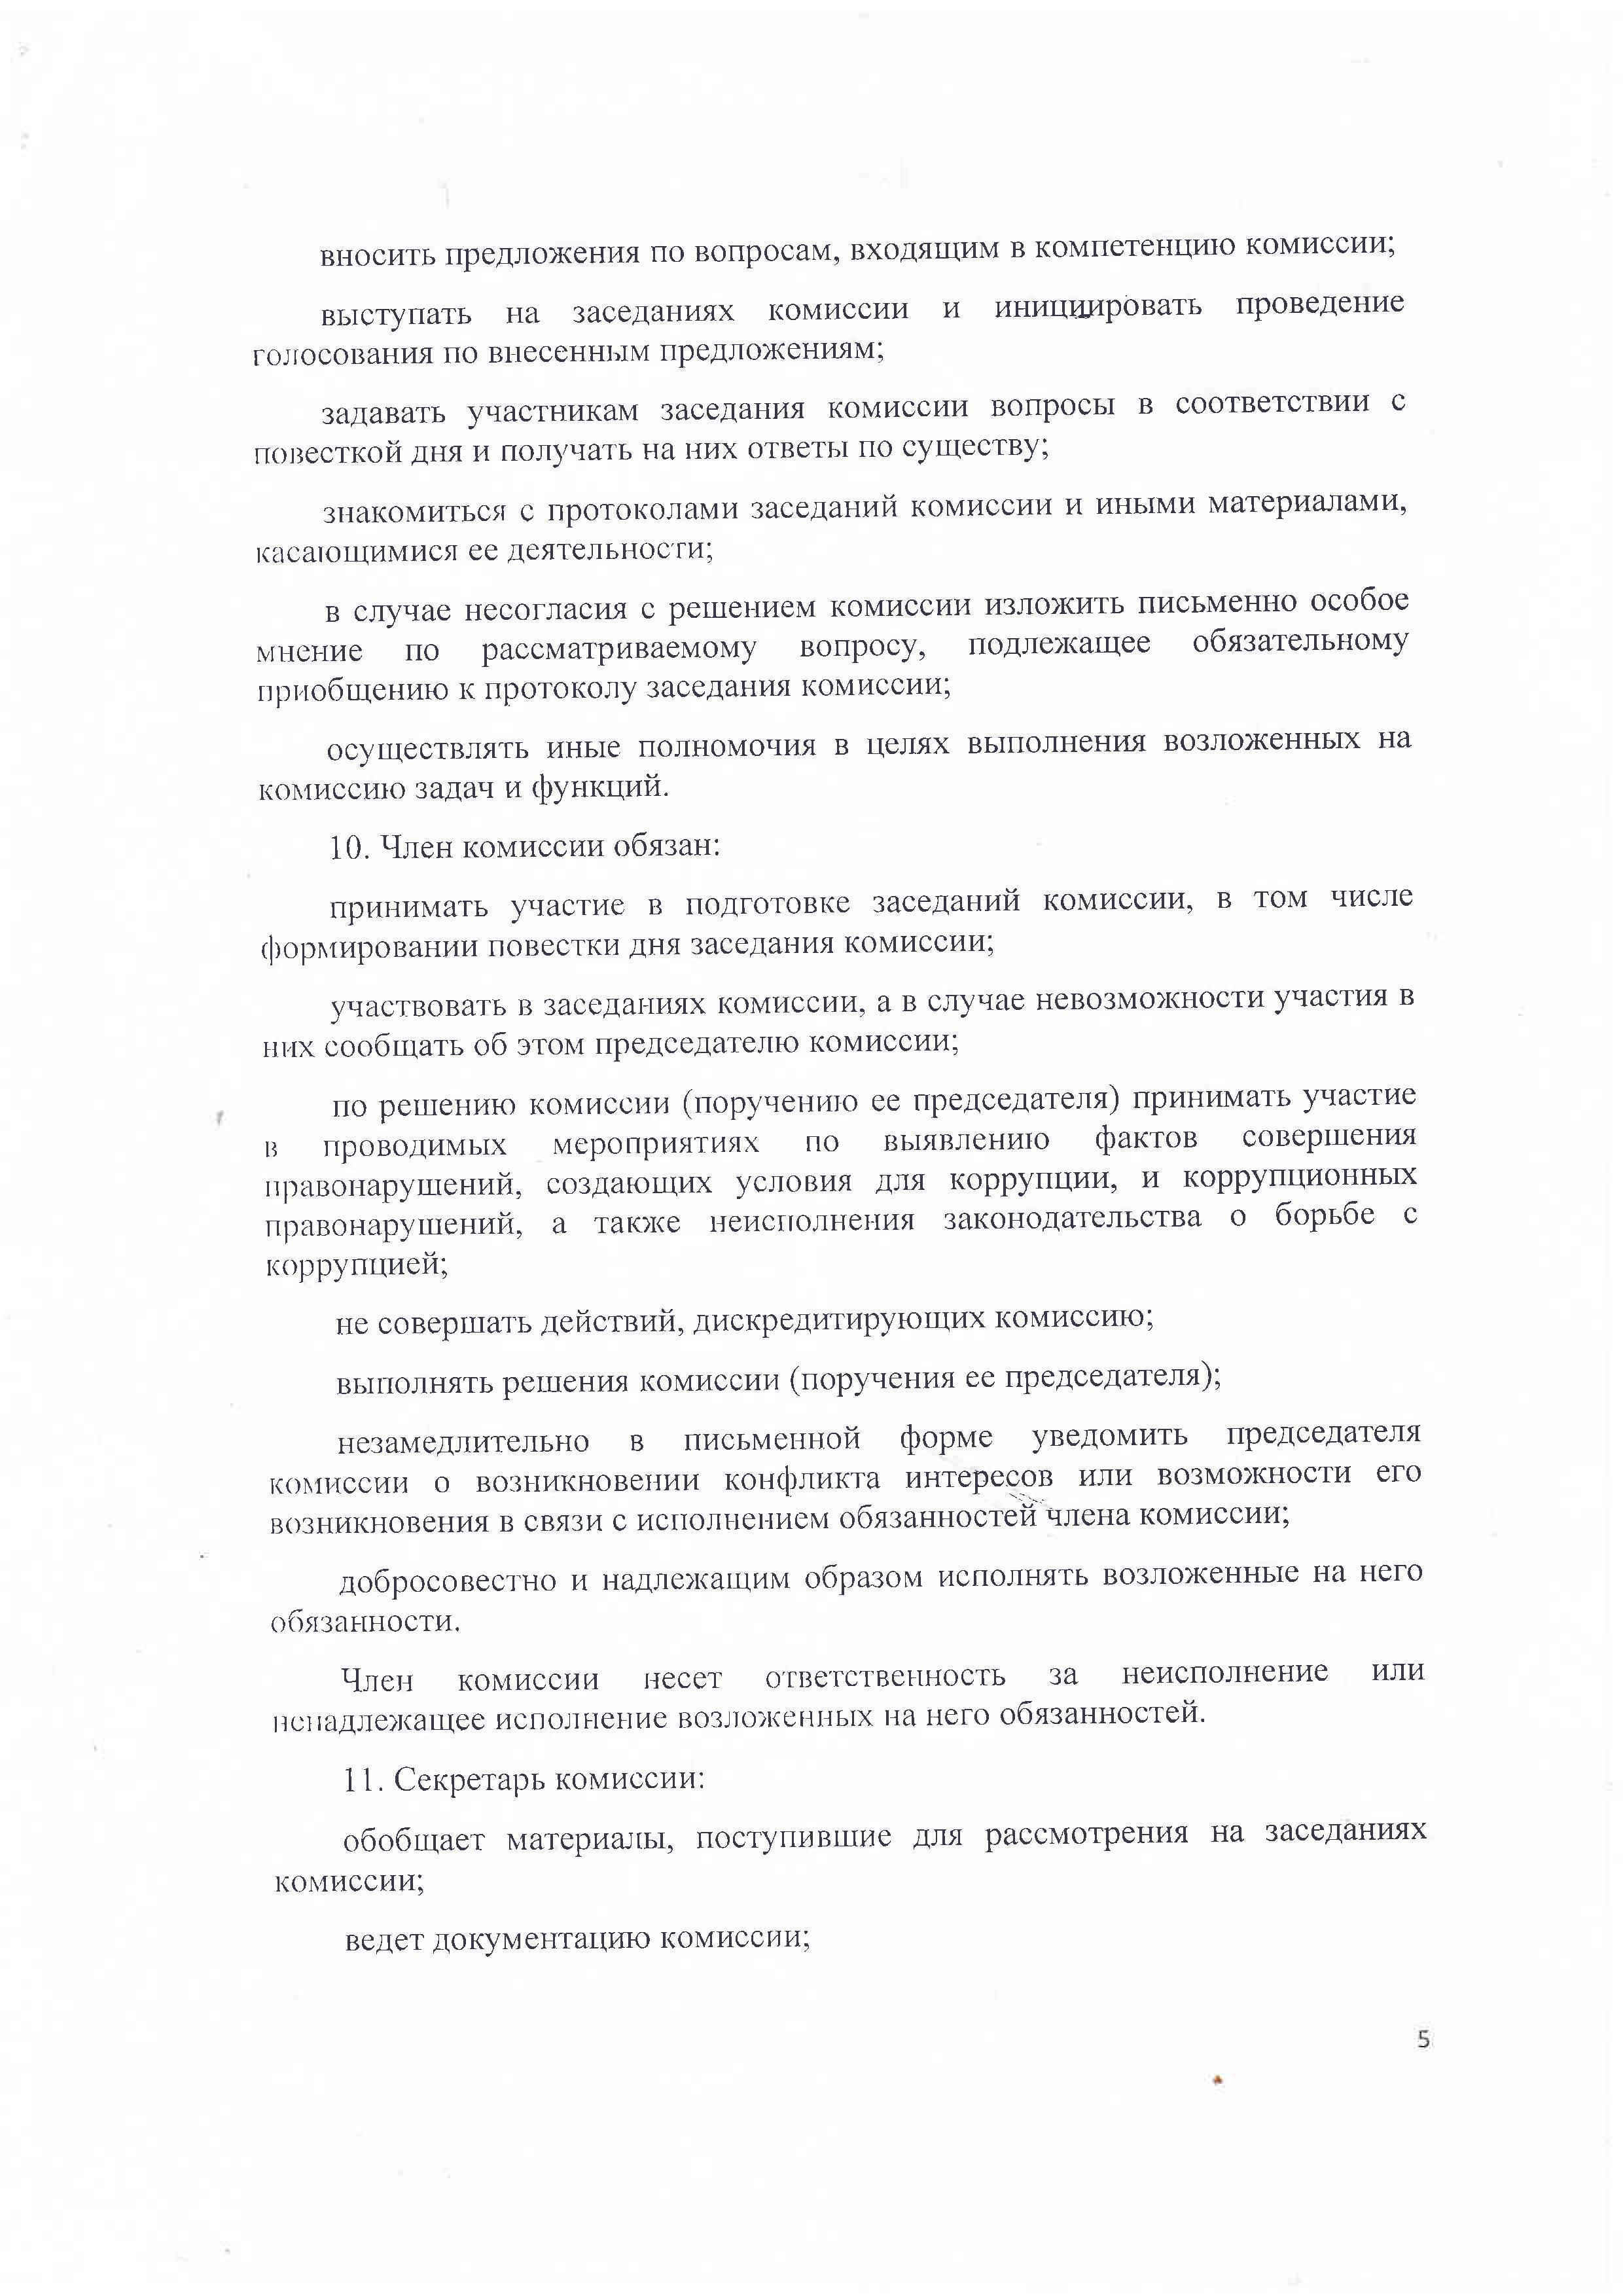 Положение о комиссии по противодействию коррупции. 5 стр.